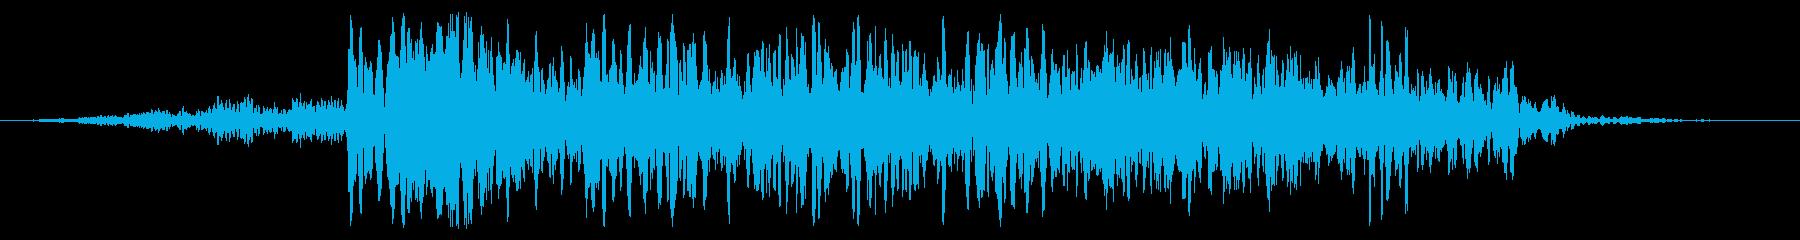 巨大スタンプ変換の再生済みの波形